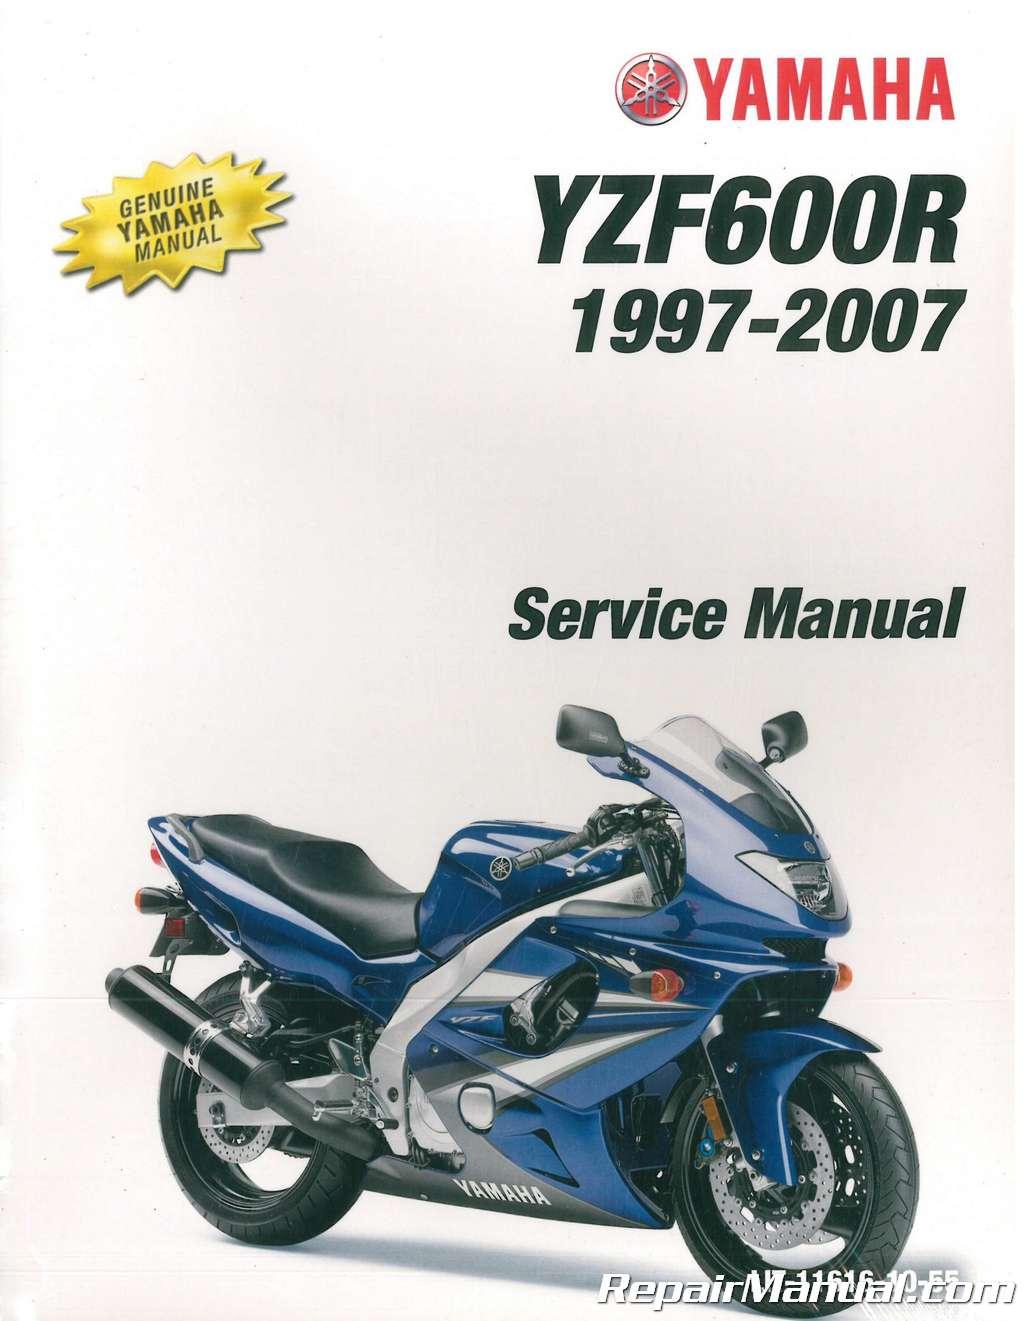 1997 2007 yamaha yzf600r service manual rh repairmanual com Yamaha R1 Yamaha  Yxz1000r